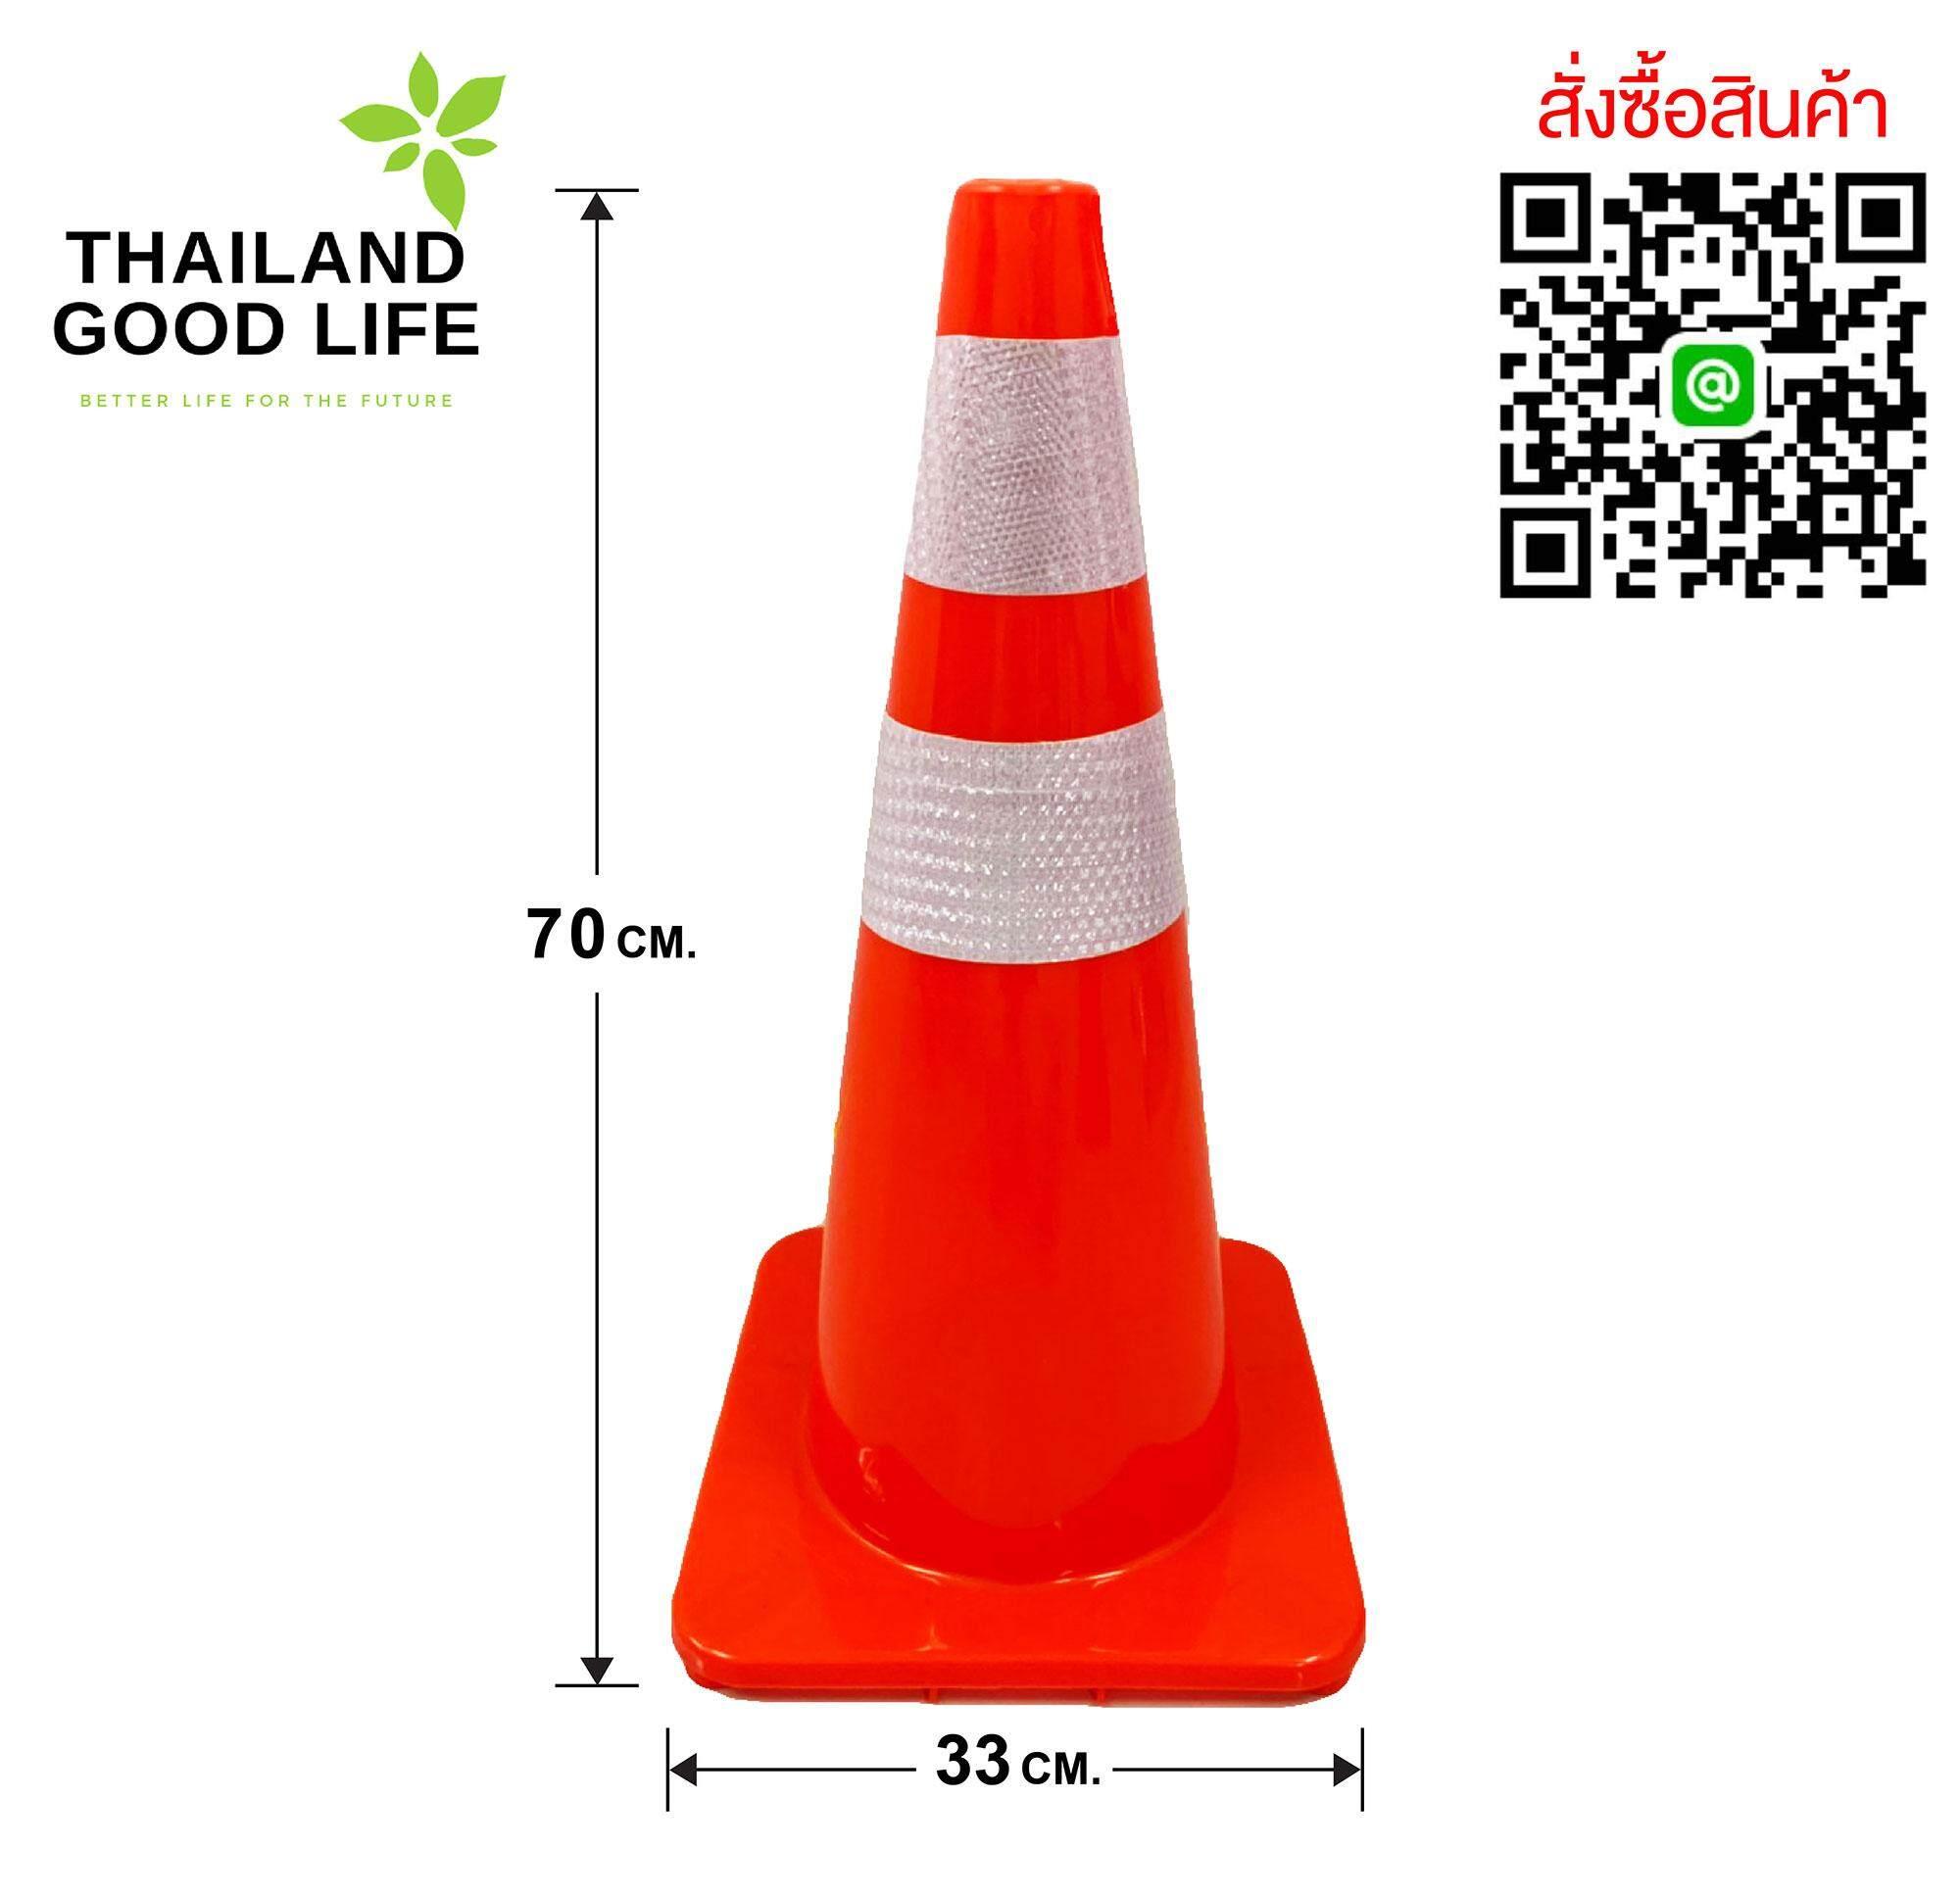 กรวยจราจร (traffic Cone) Pvcเกรดพรีเมี่ยม สูง 70 ซม.แข็งแรง ทนทานใช้ไปยันแก่ ปัญหารถเหยียบแค่เรื่องเล็ก By Thailand Good Life..